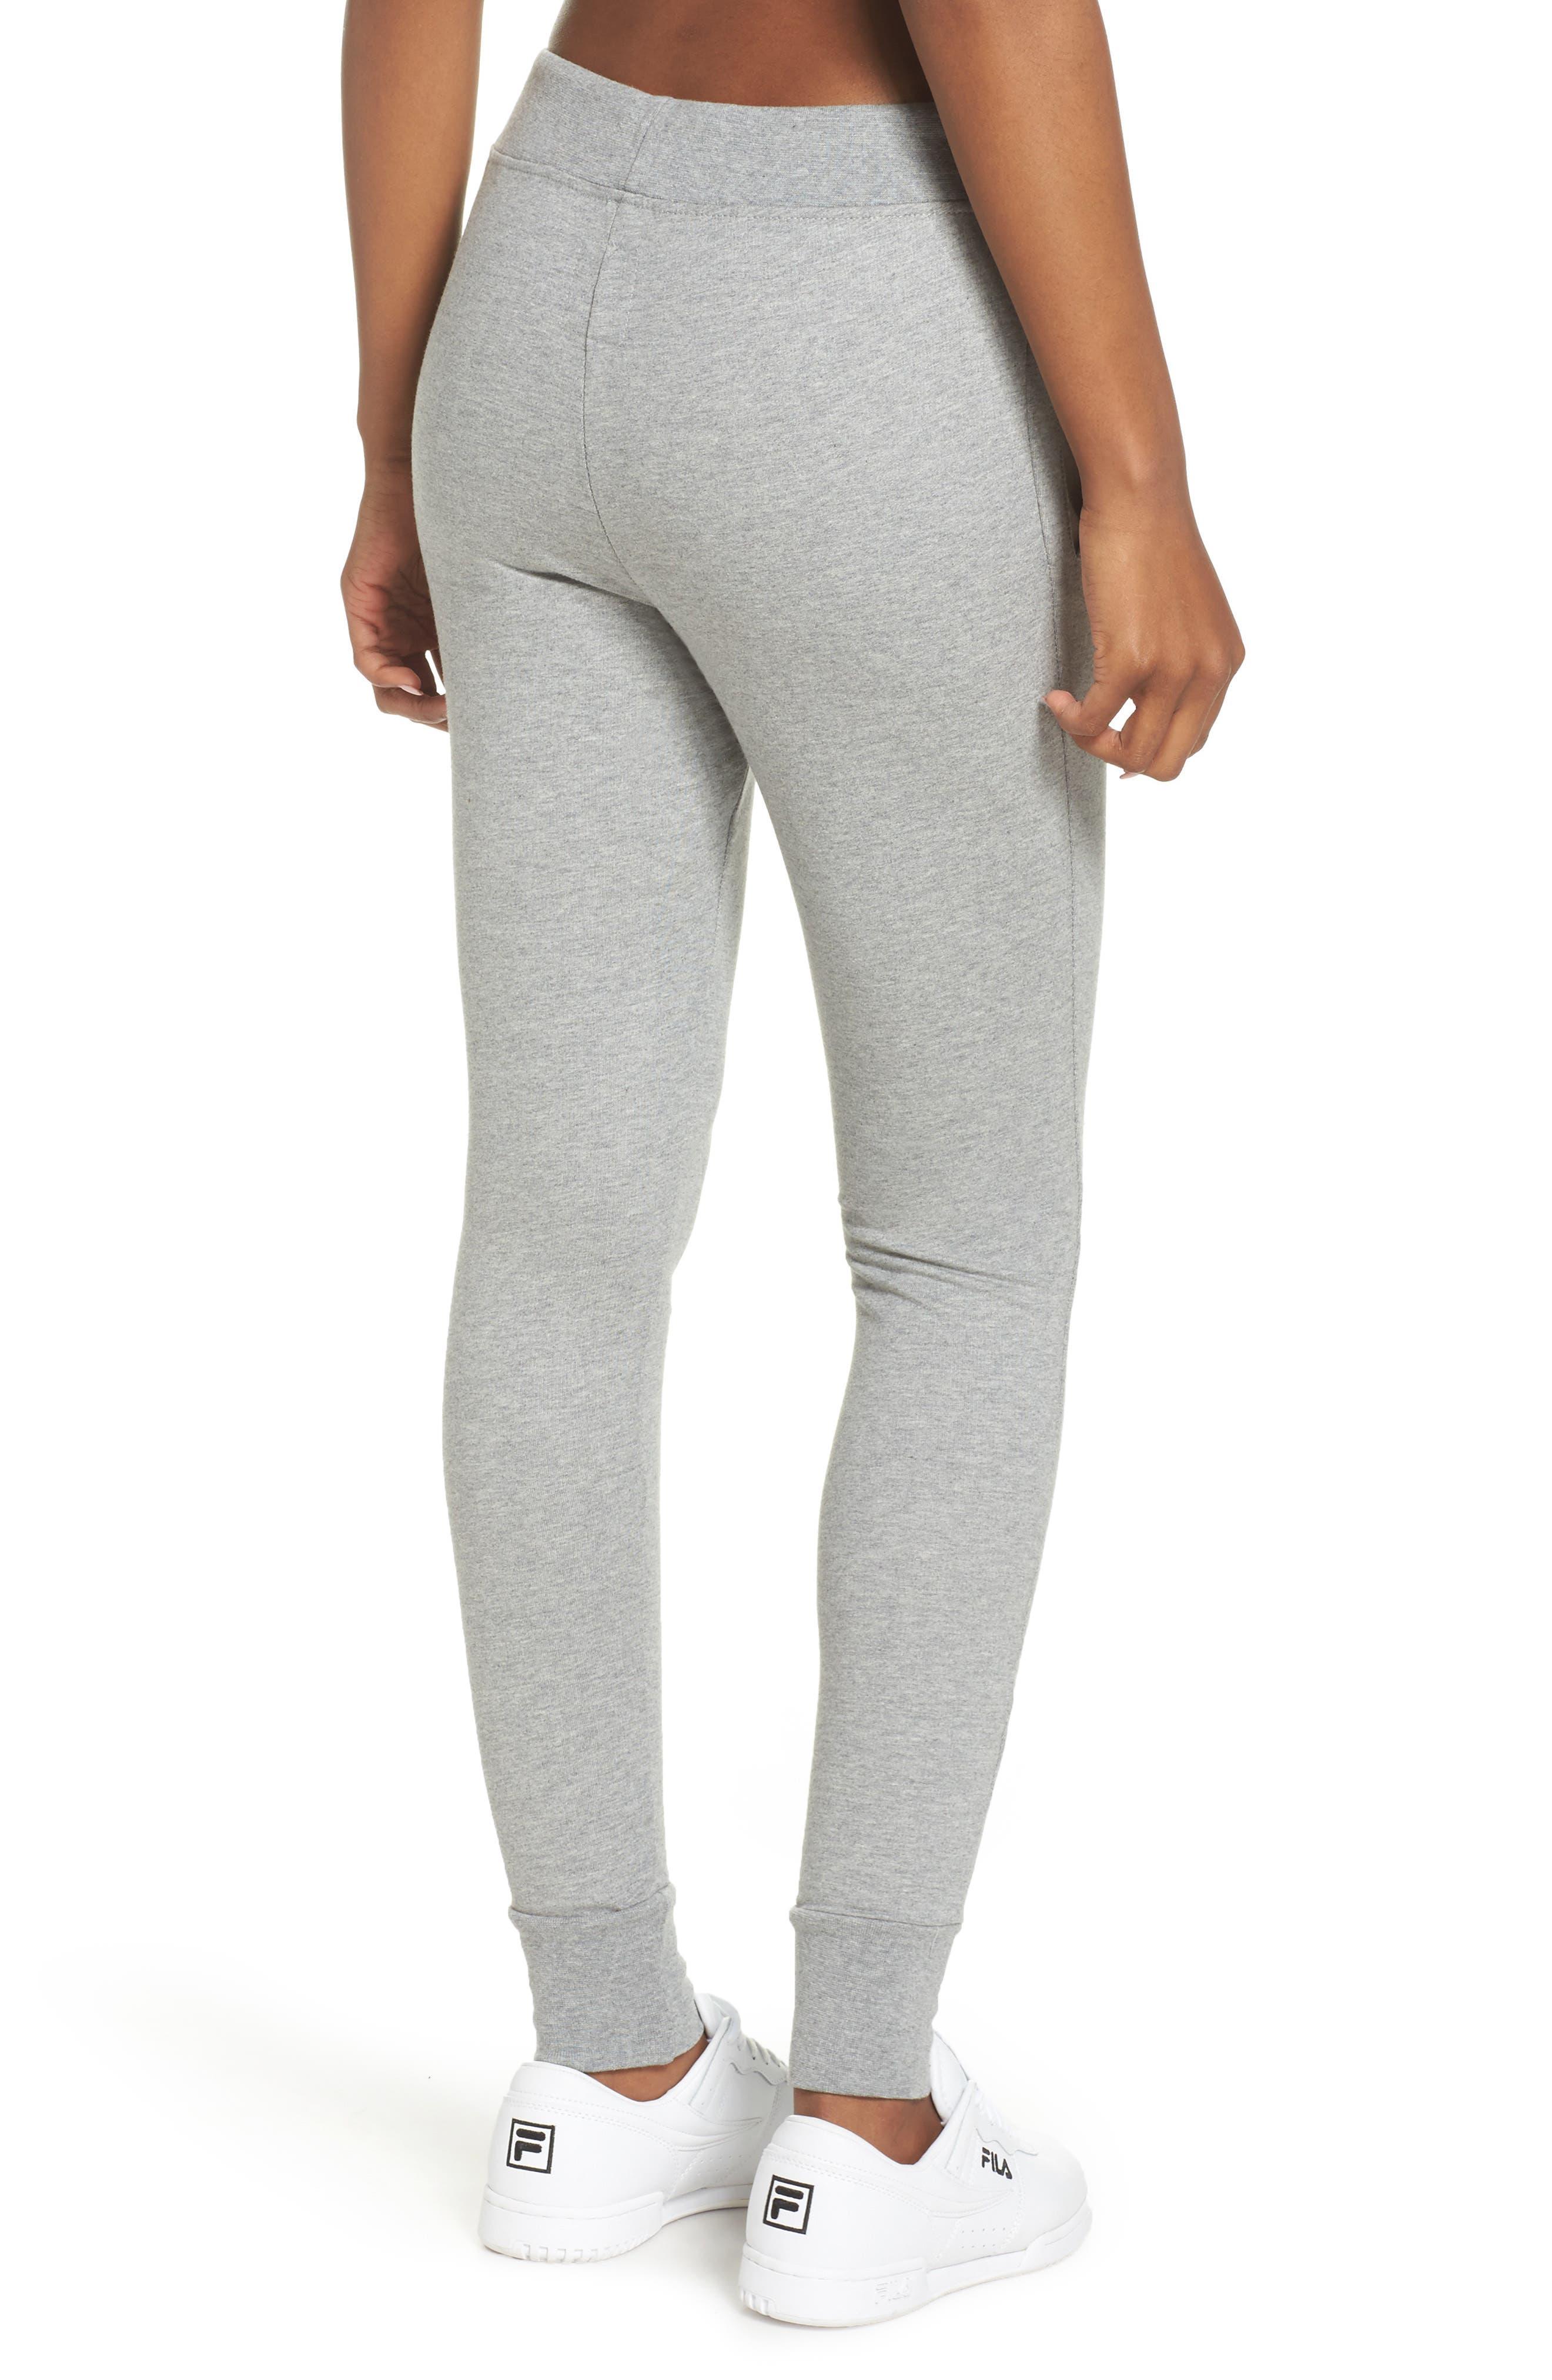 Authentic Cresta Slim Fit Sweatpants,                             Alternate thumbnail 2, color,                             Grey